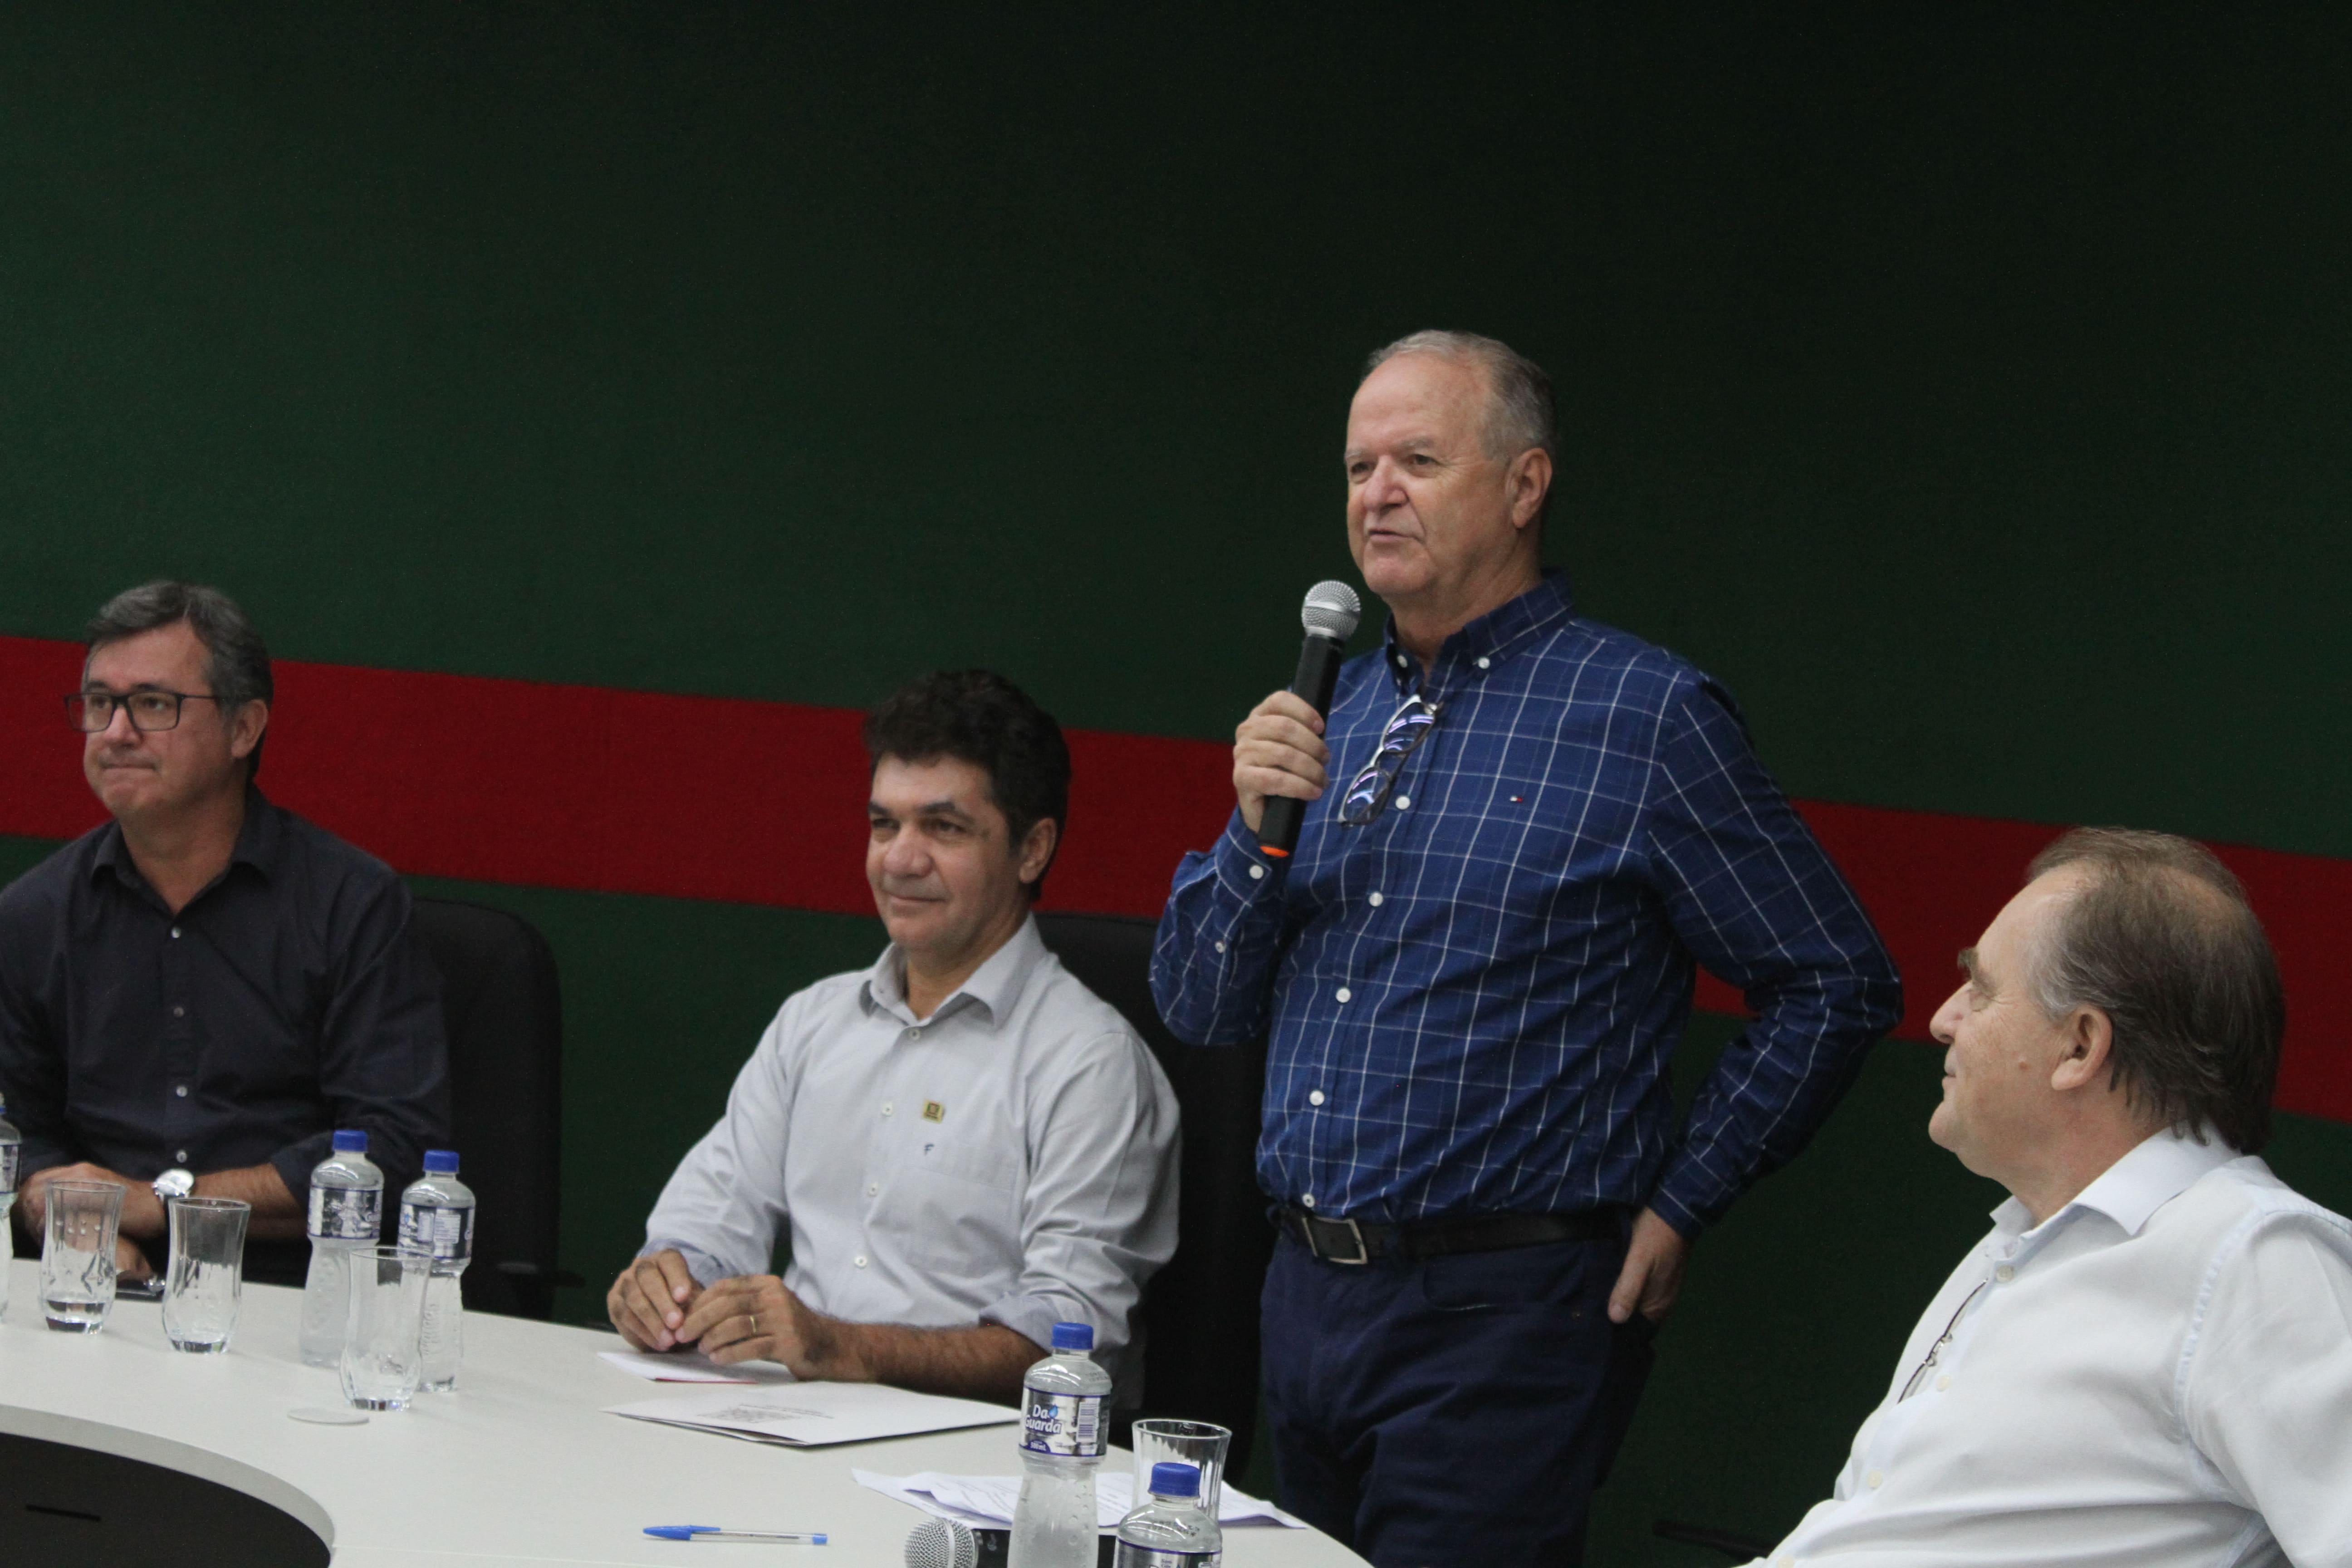 Prefeitura Municipal de Criciúma - Celito Cardoso toma posse como secretário da Fazenda